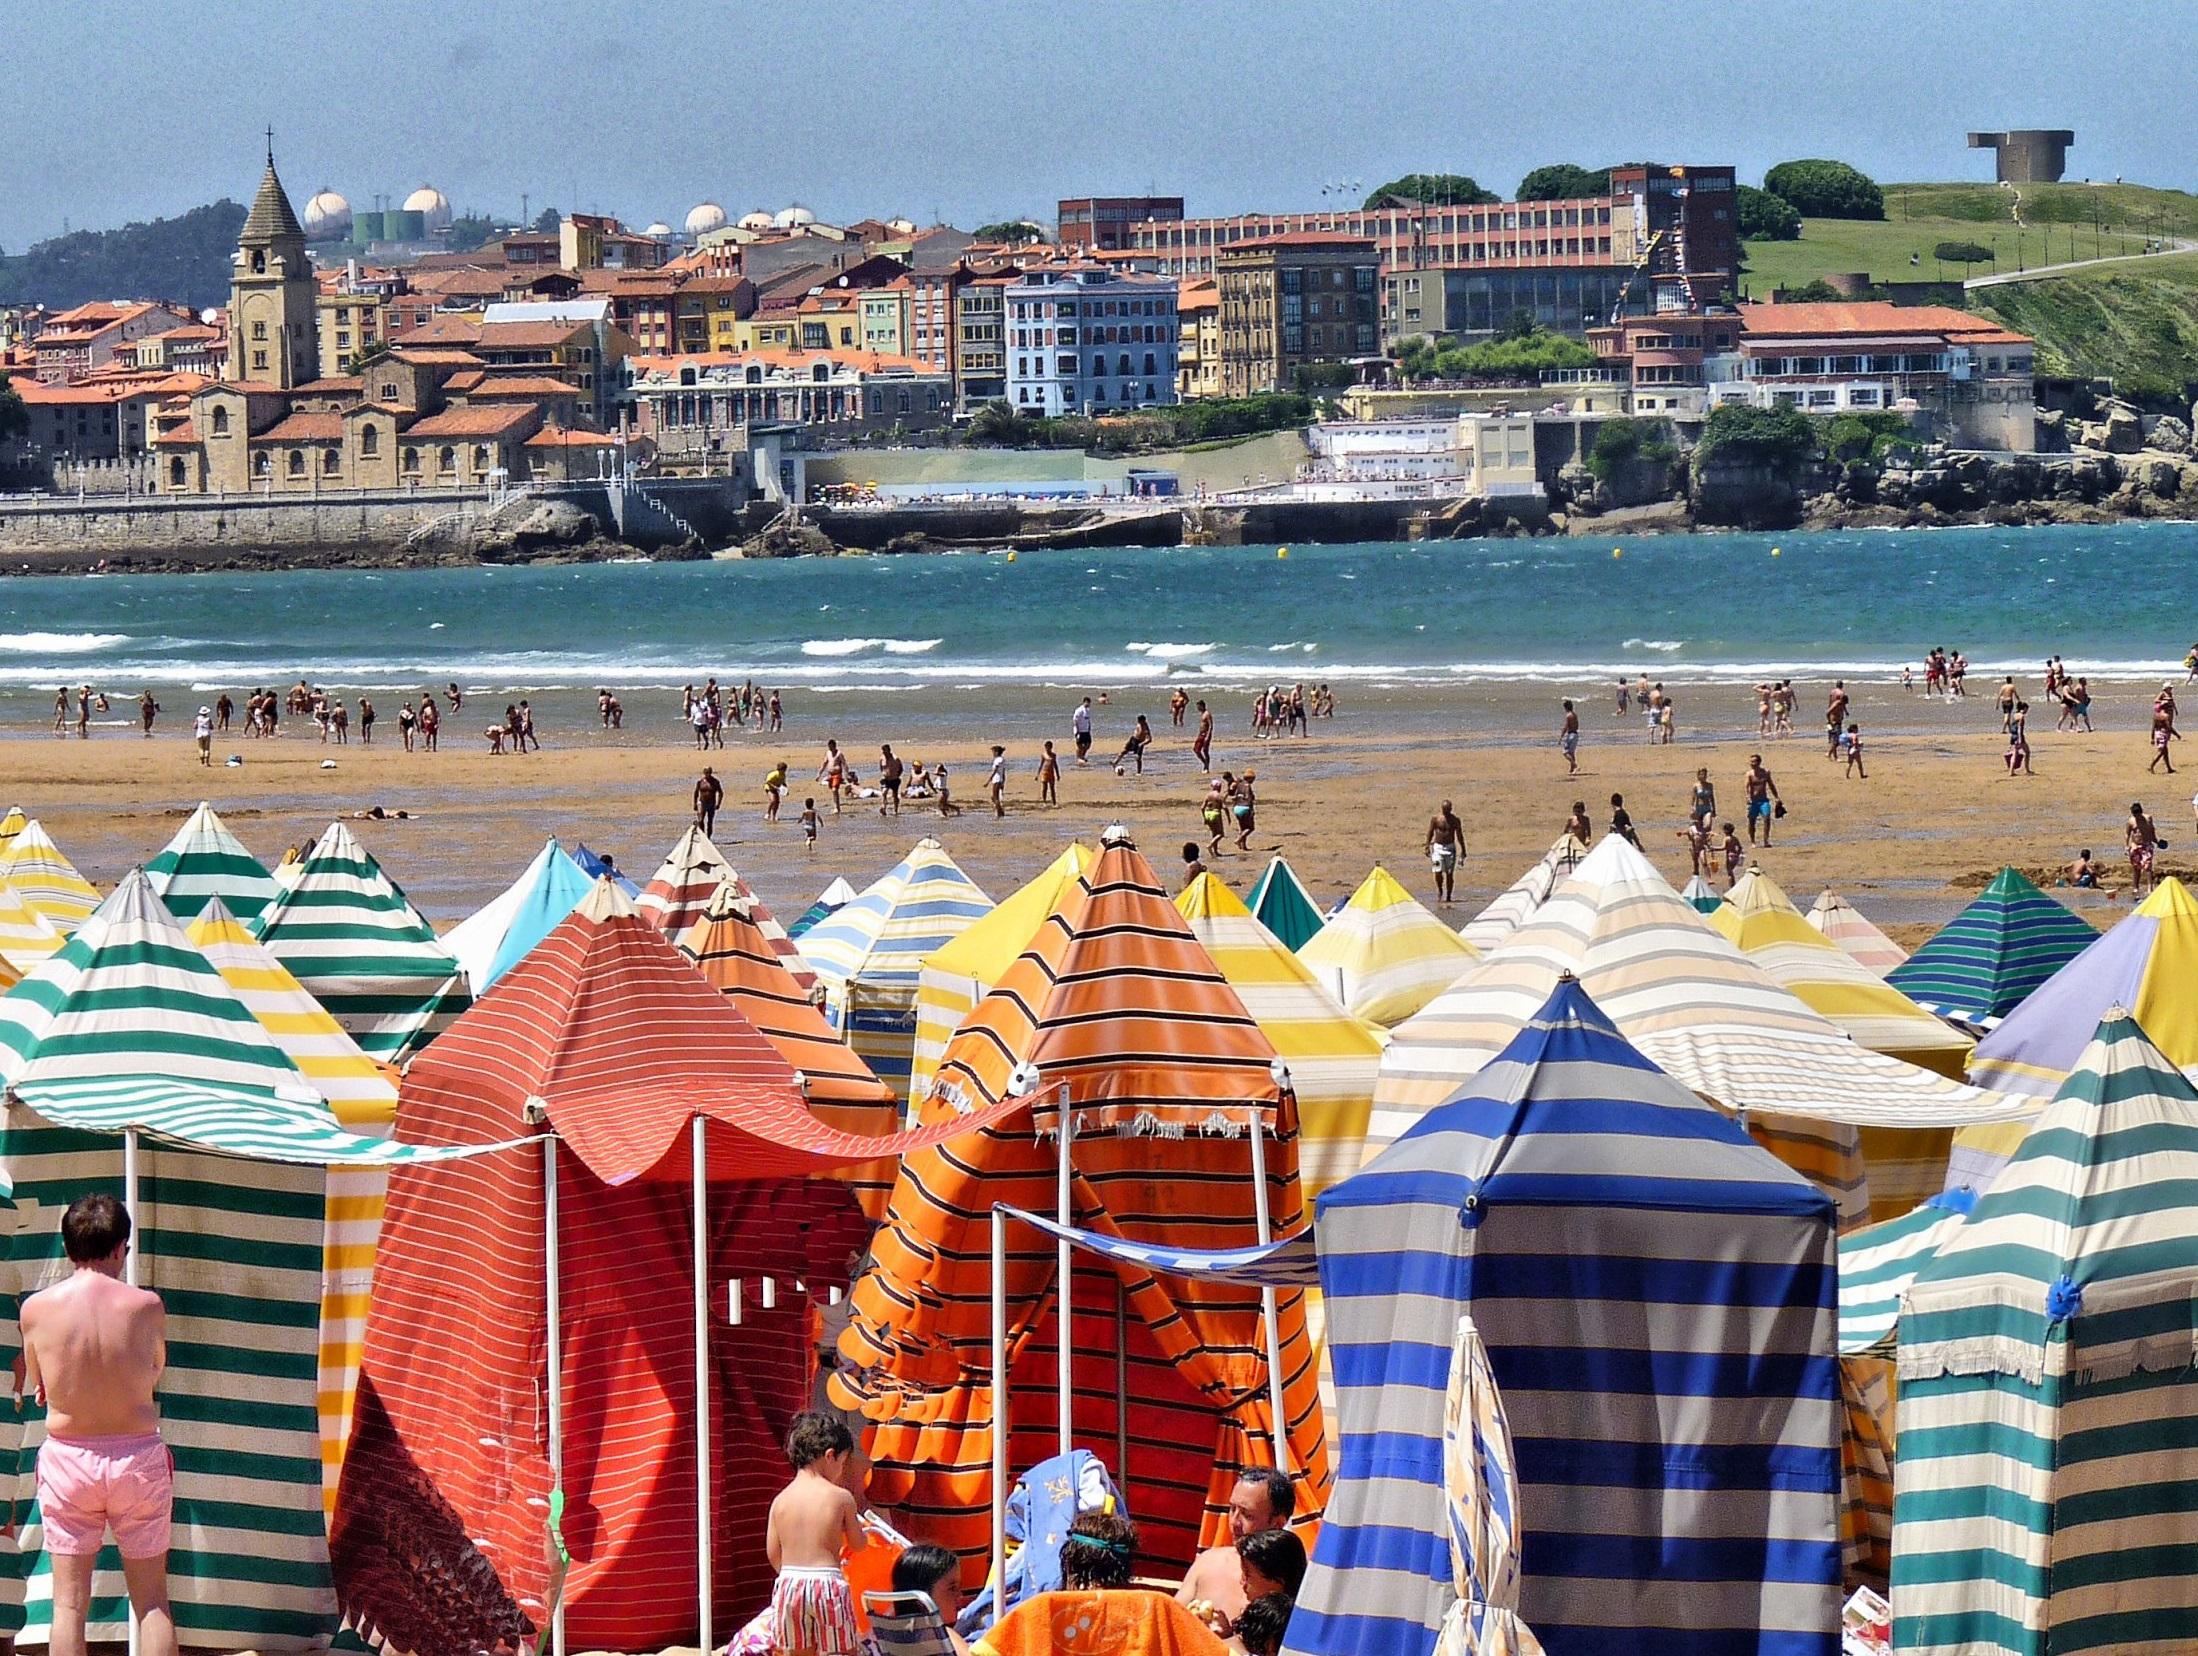 Un día de playa. Playa de San Lorenzo, Gijón. Autora, Amalia González